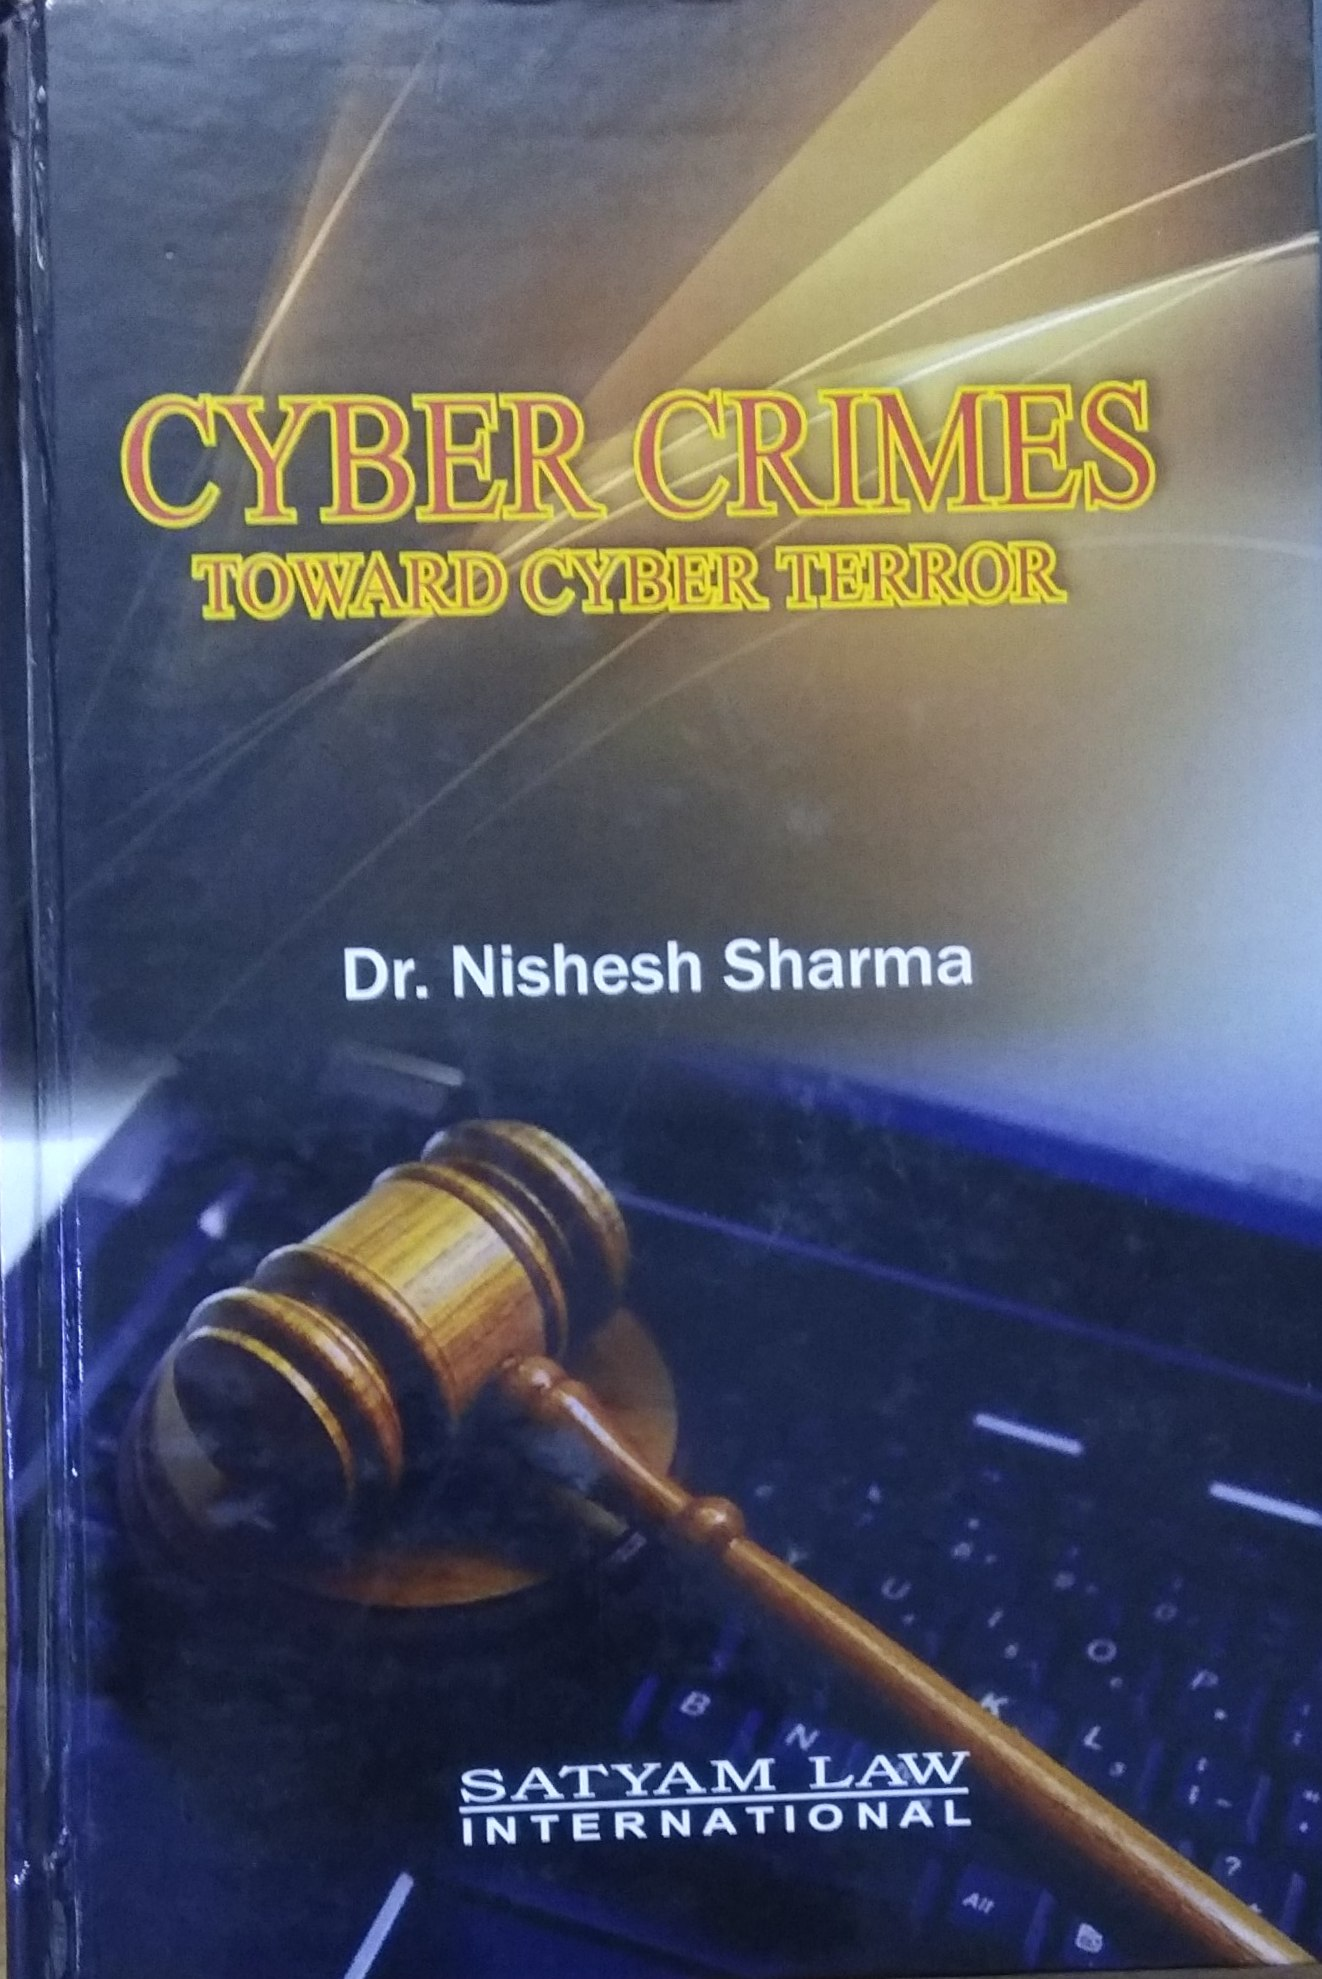 Cyber Crimes: Toward Cyber Terror